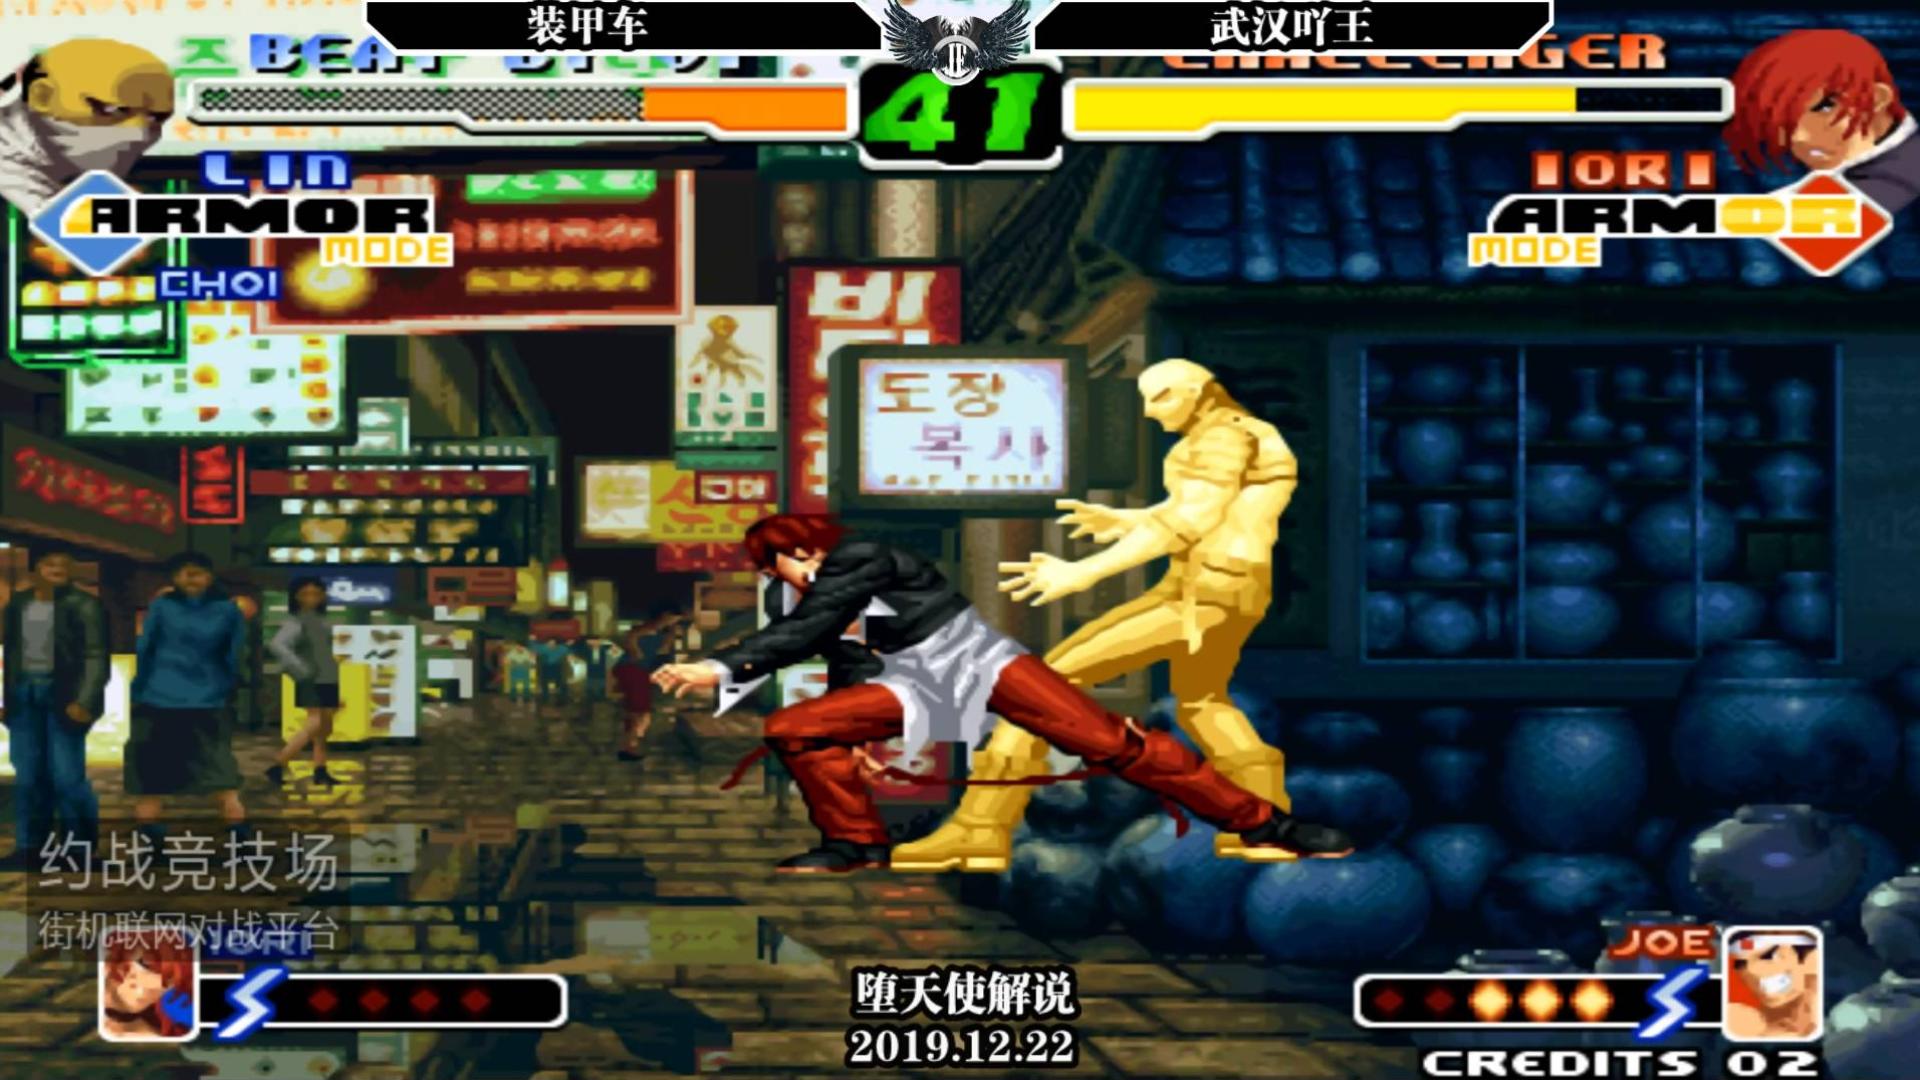 拳皇2000吖王八神打出实战bug,这就是传说中的带我飞?